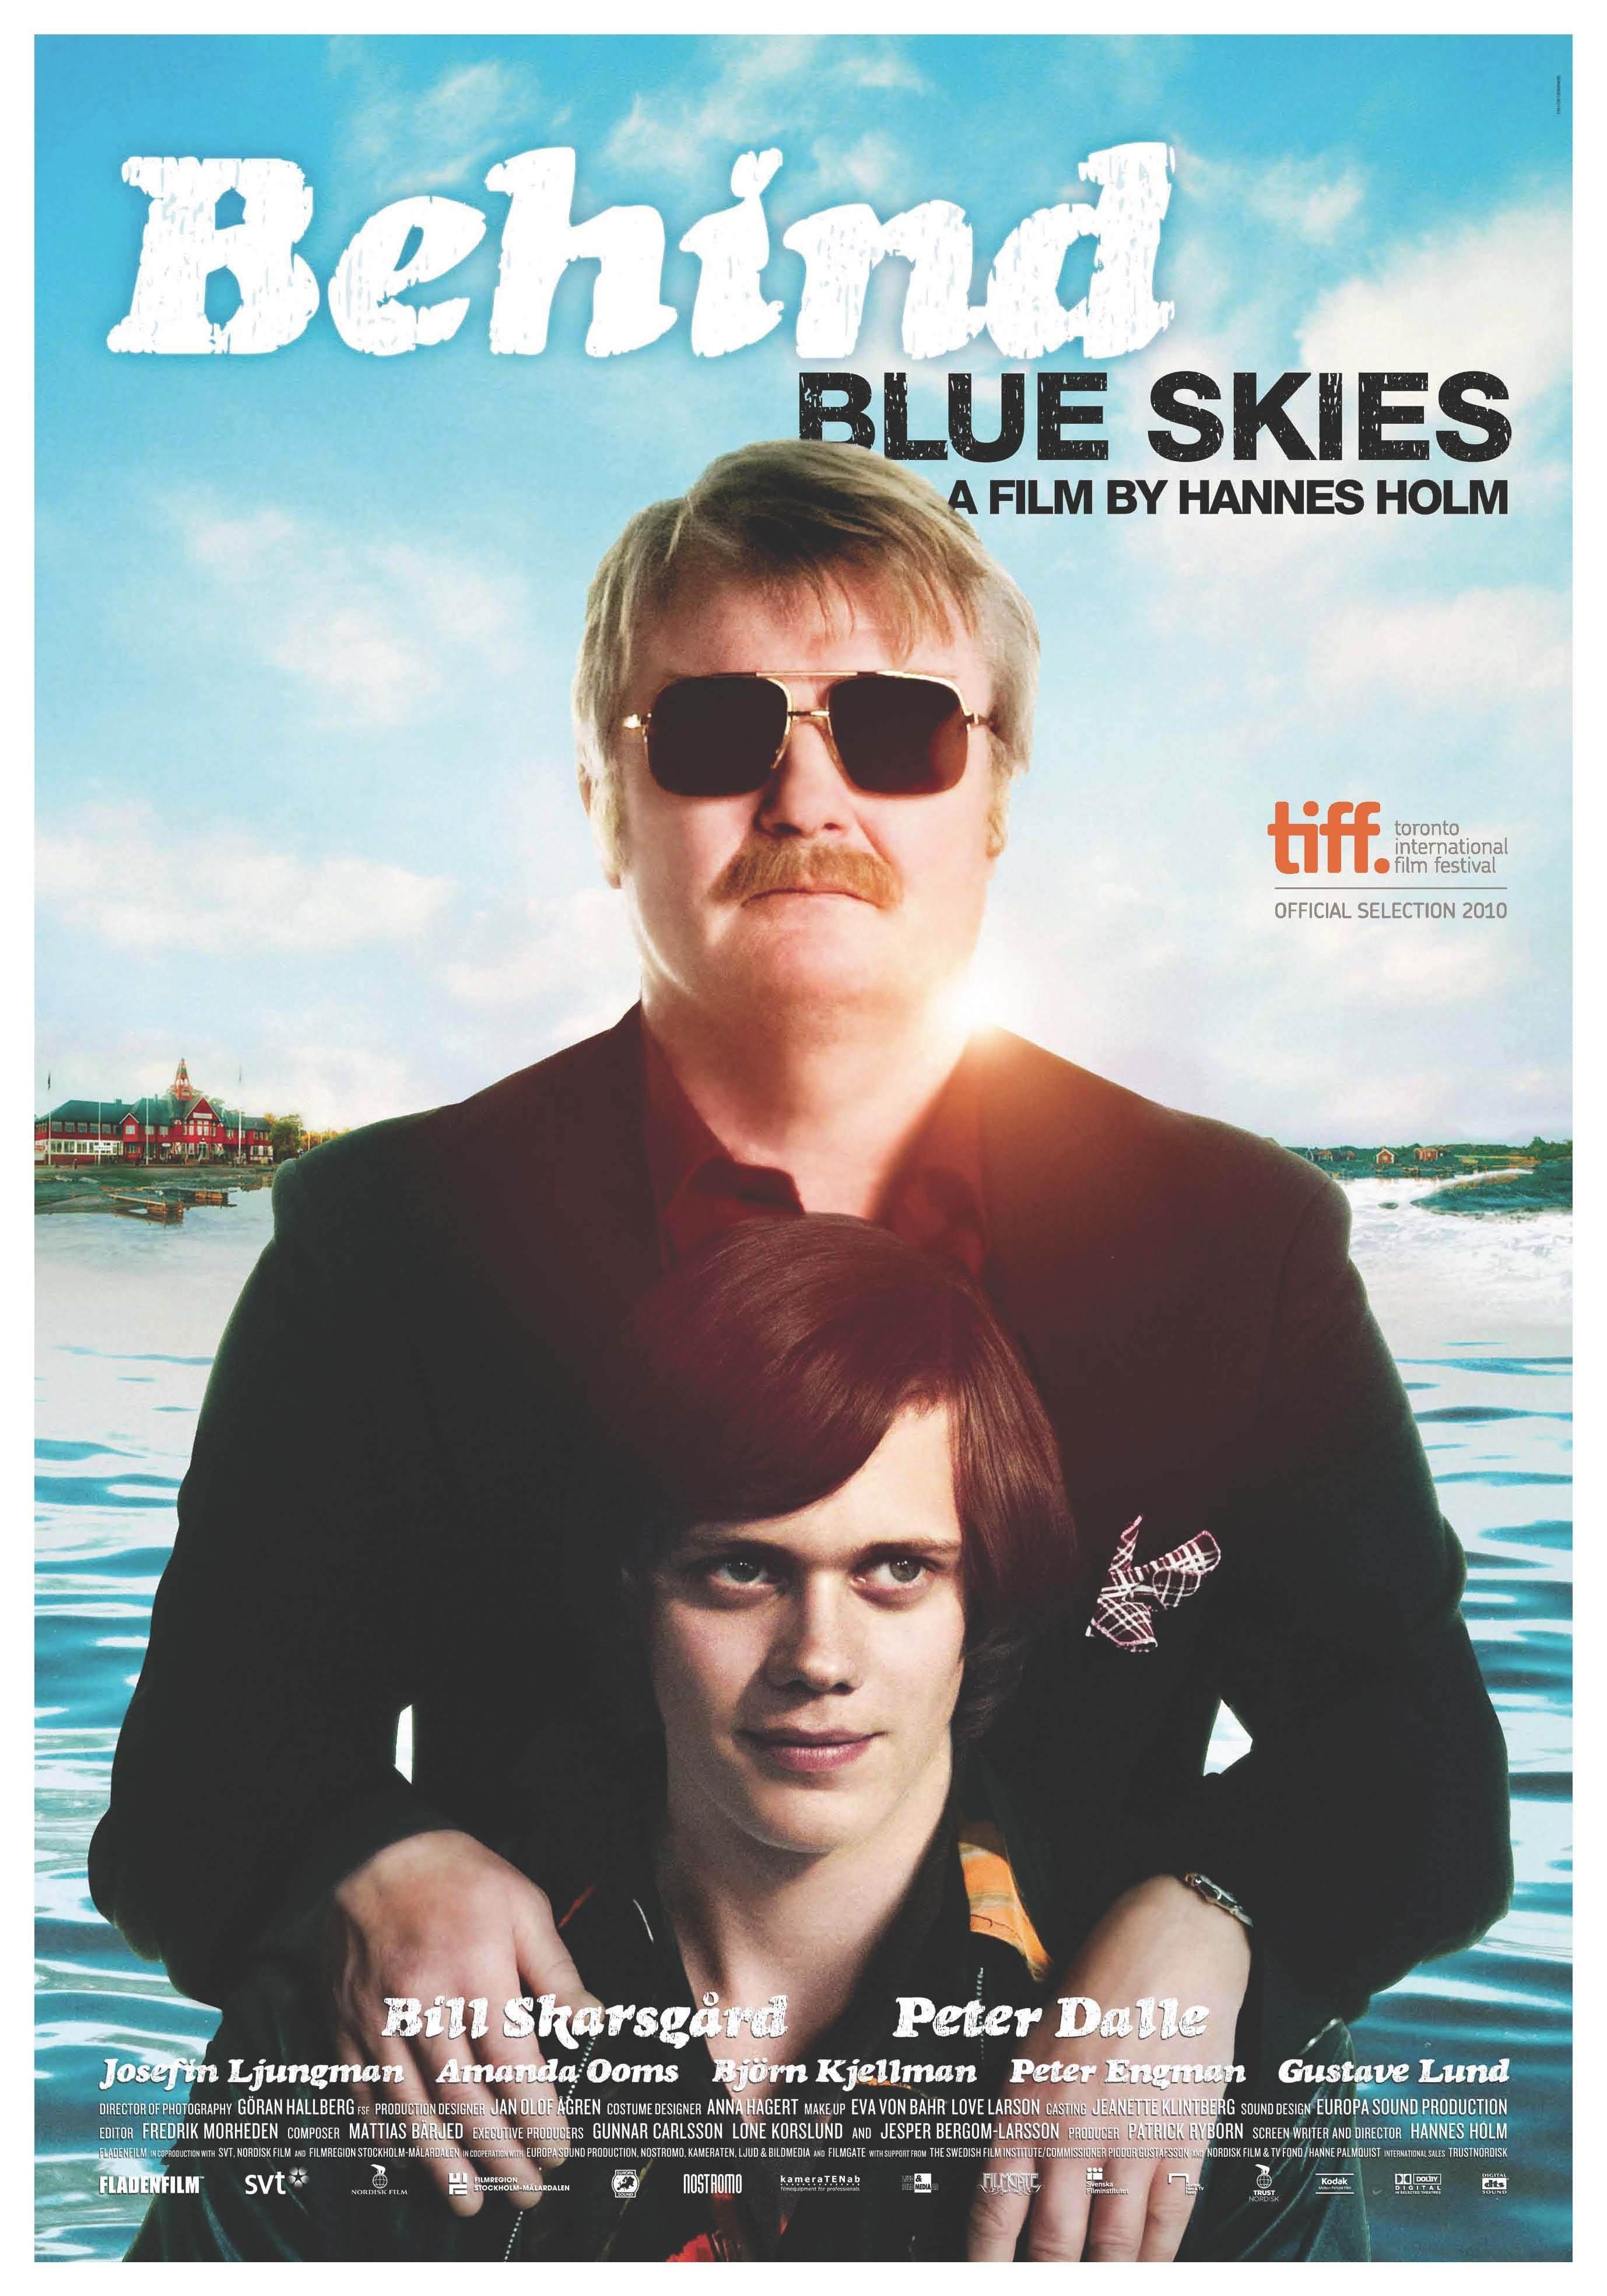 Himlen är oskyldigt blå film sexscen